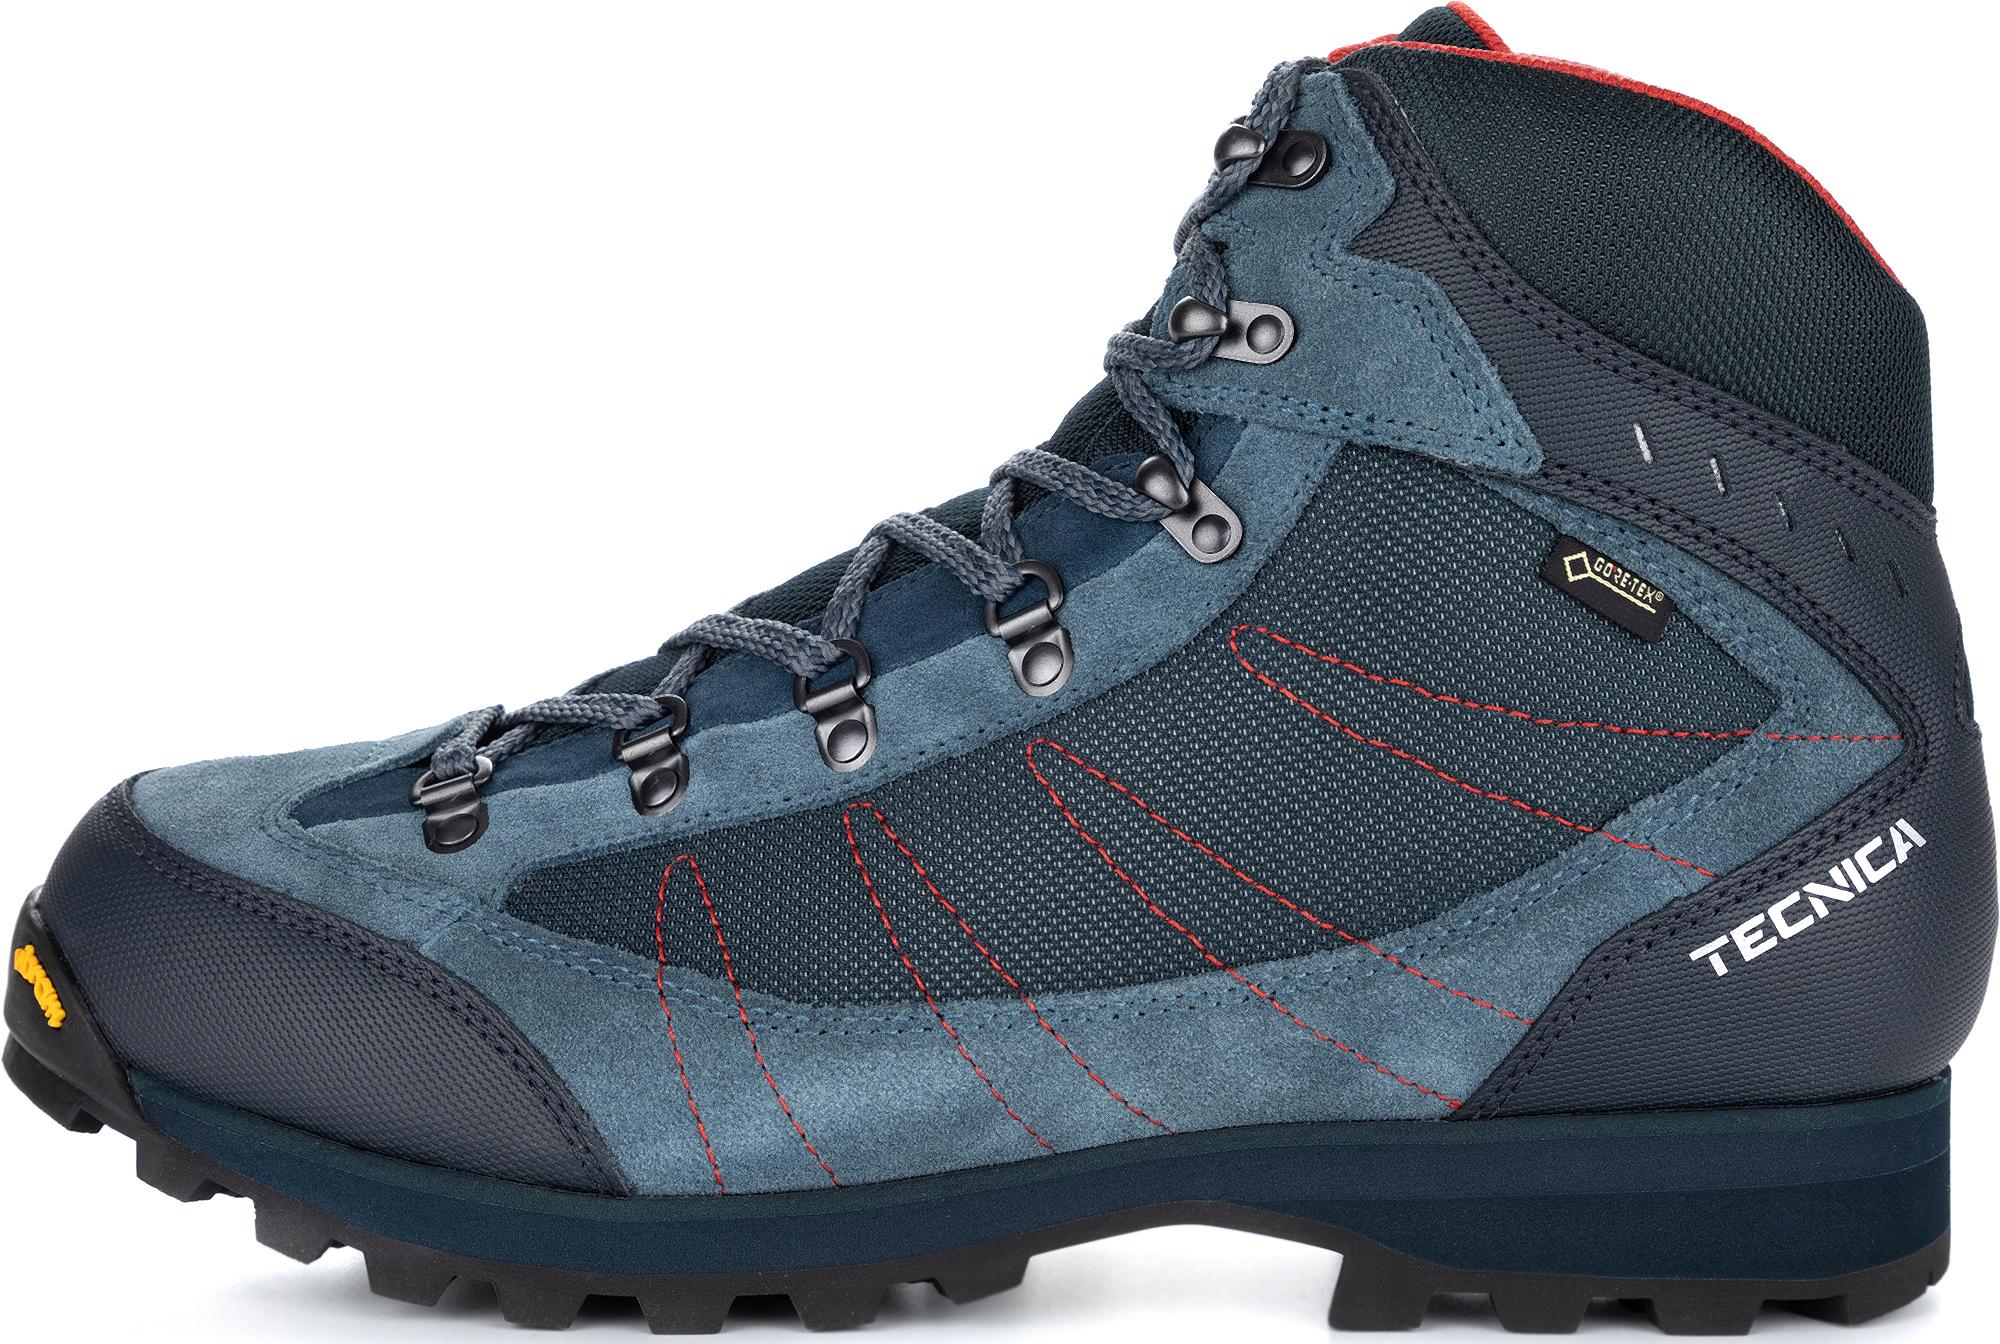 Tecnica Ботинки мужские Tecnica Makalu Iv Gtx, размер 46